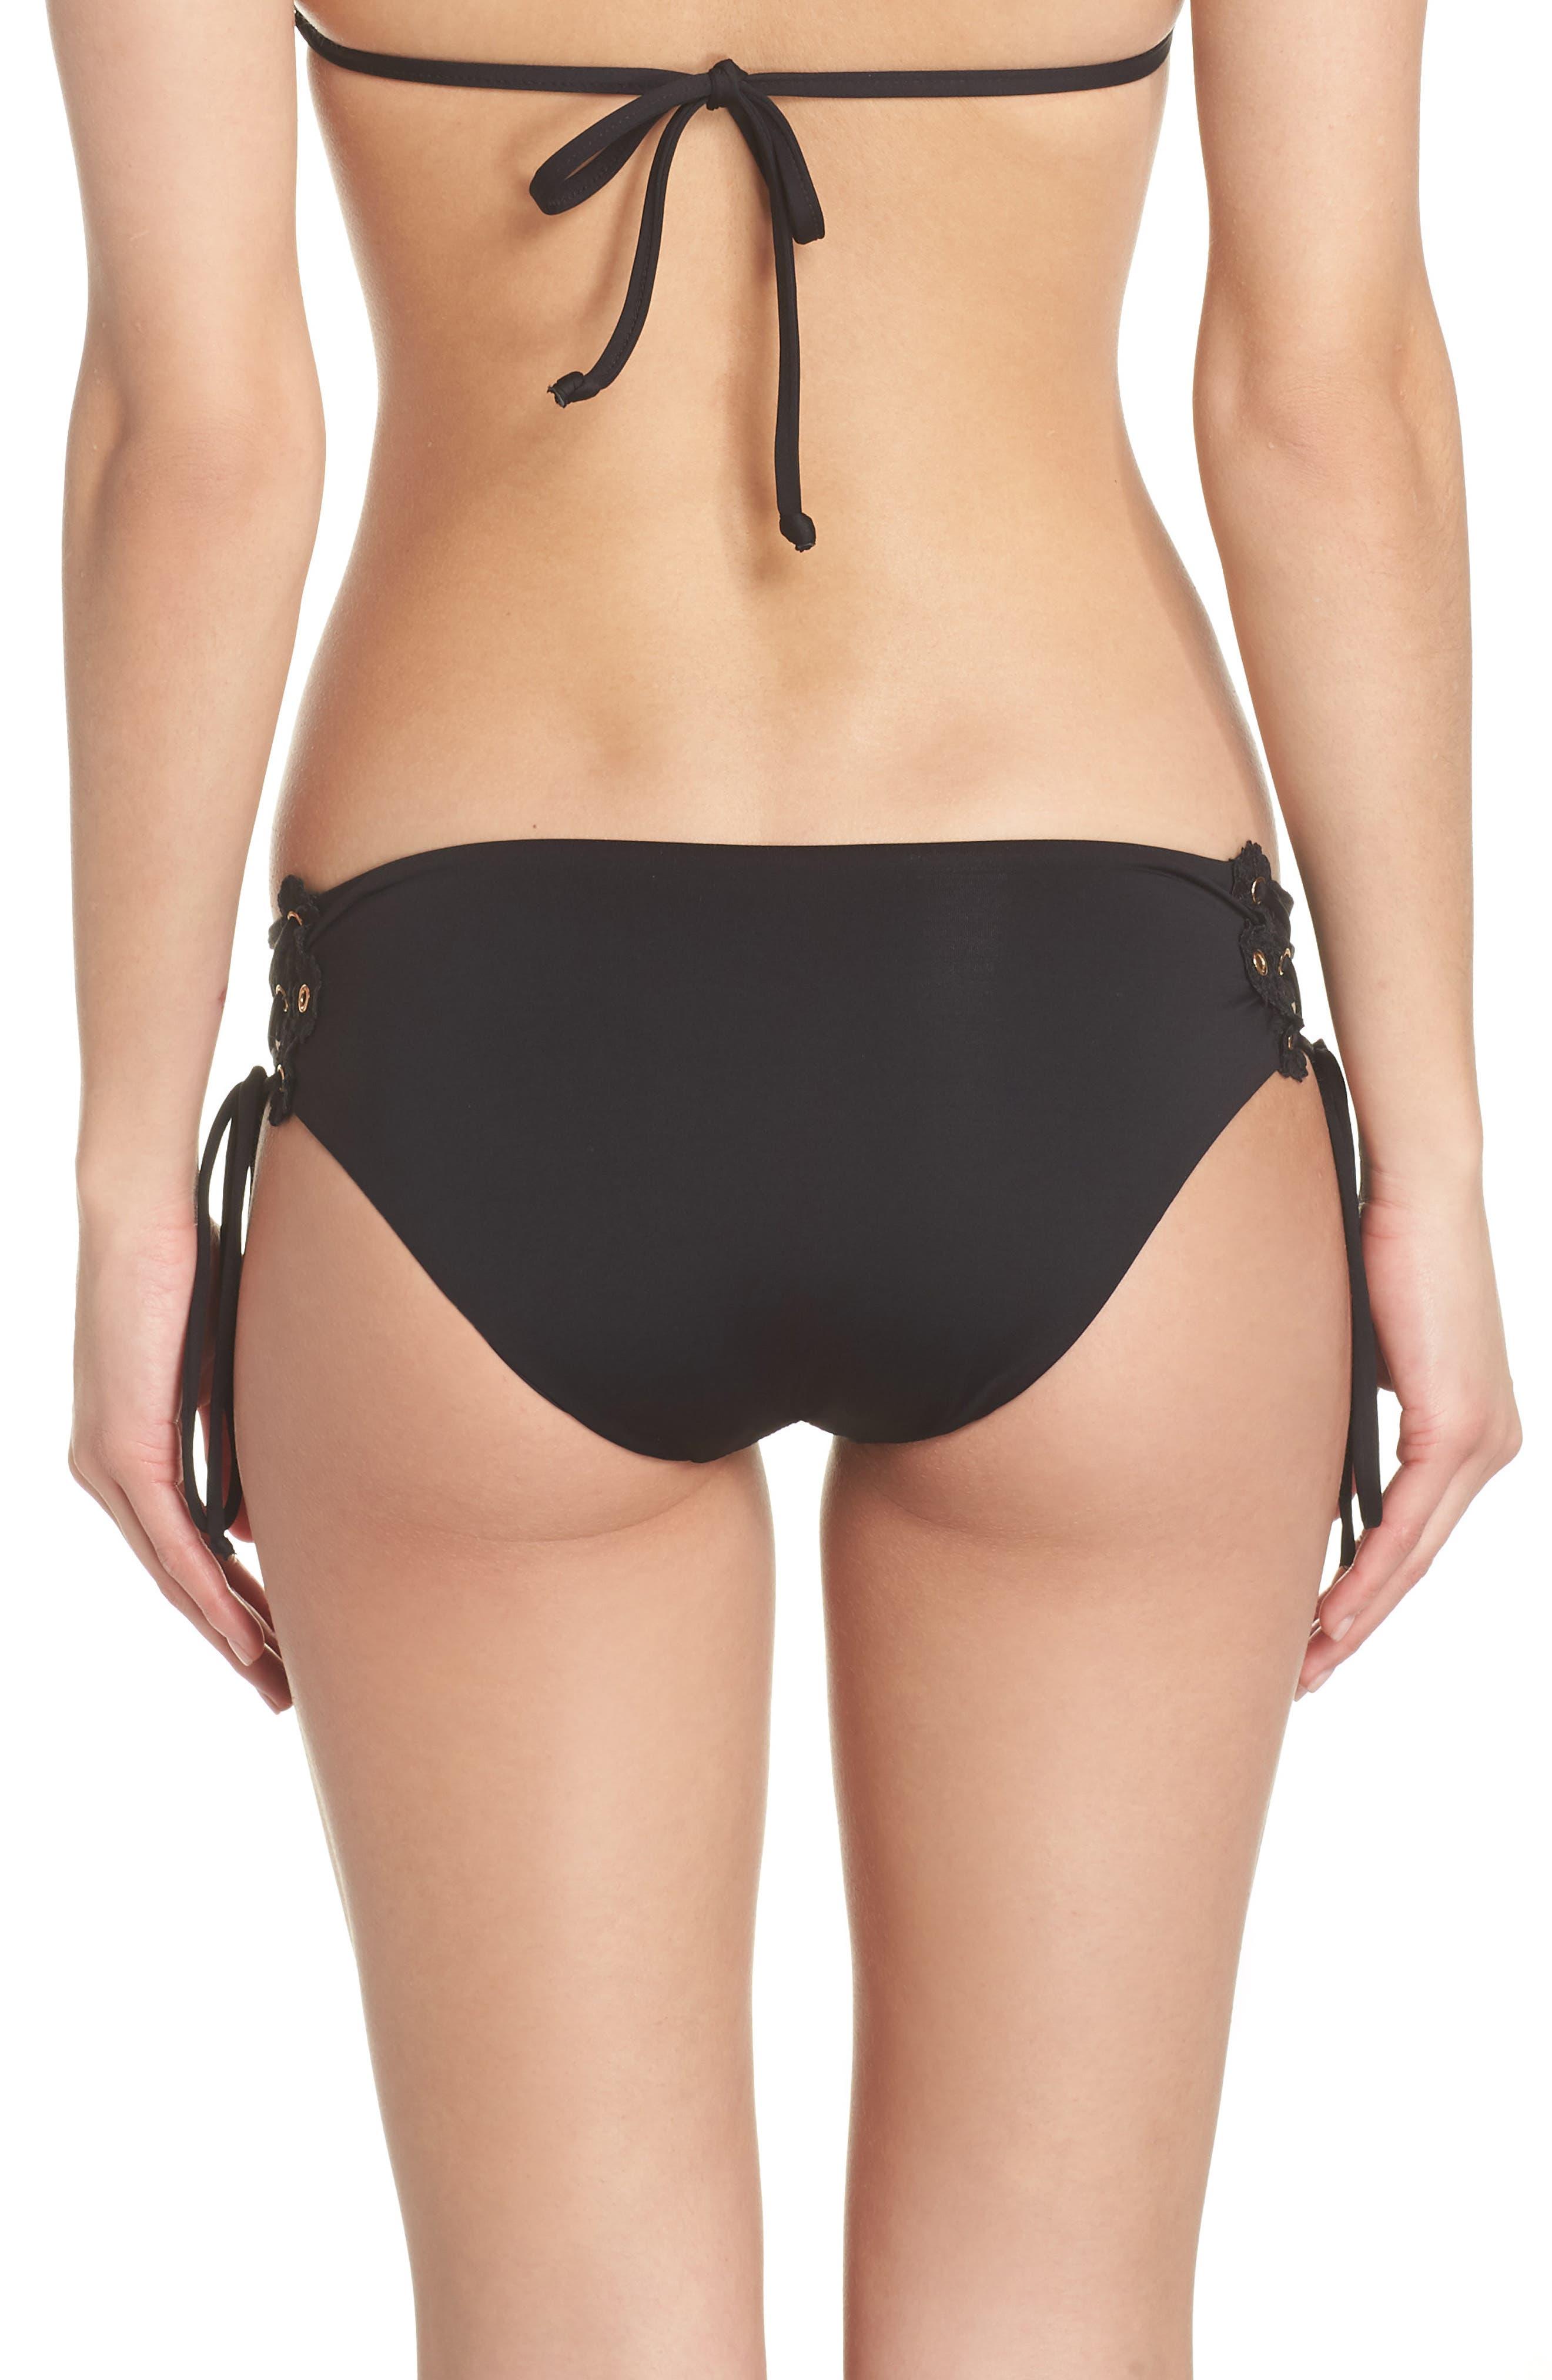 Set Sail Lace-Up Bikini Bottoms,                             Alternate thumbnail 2, color,                             BLACK